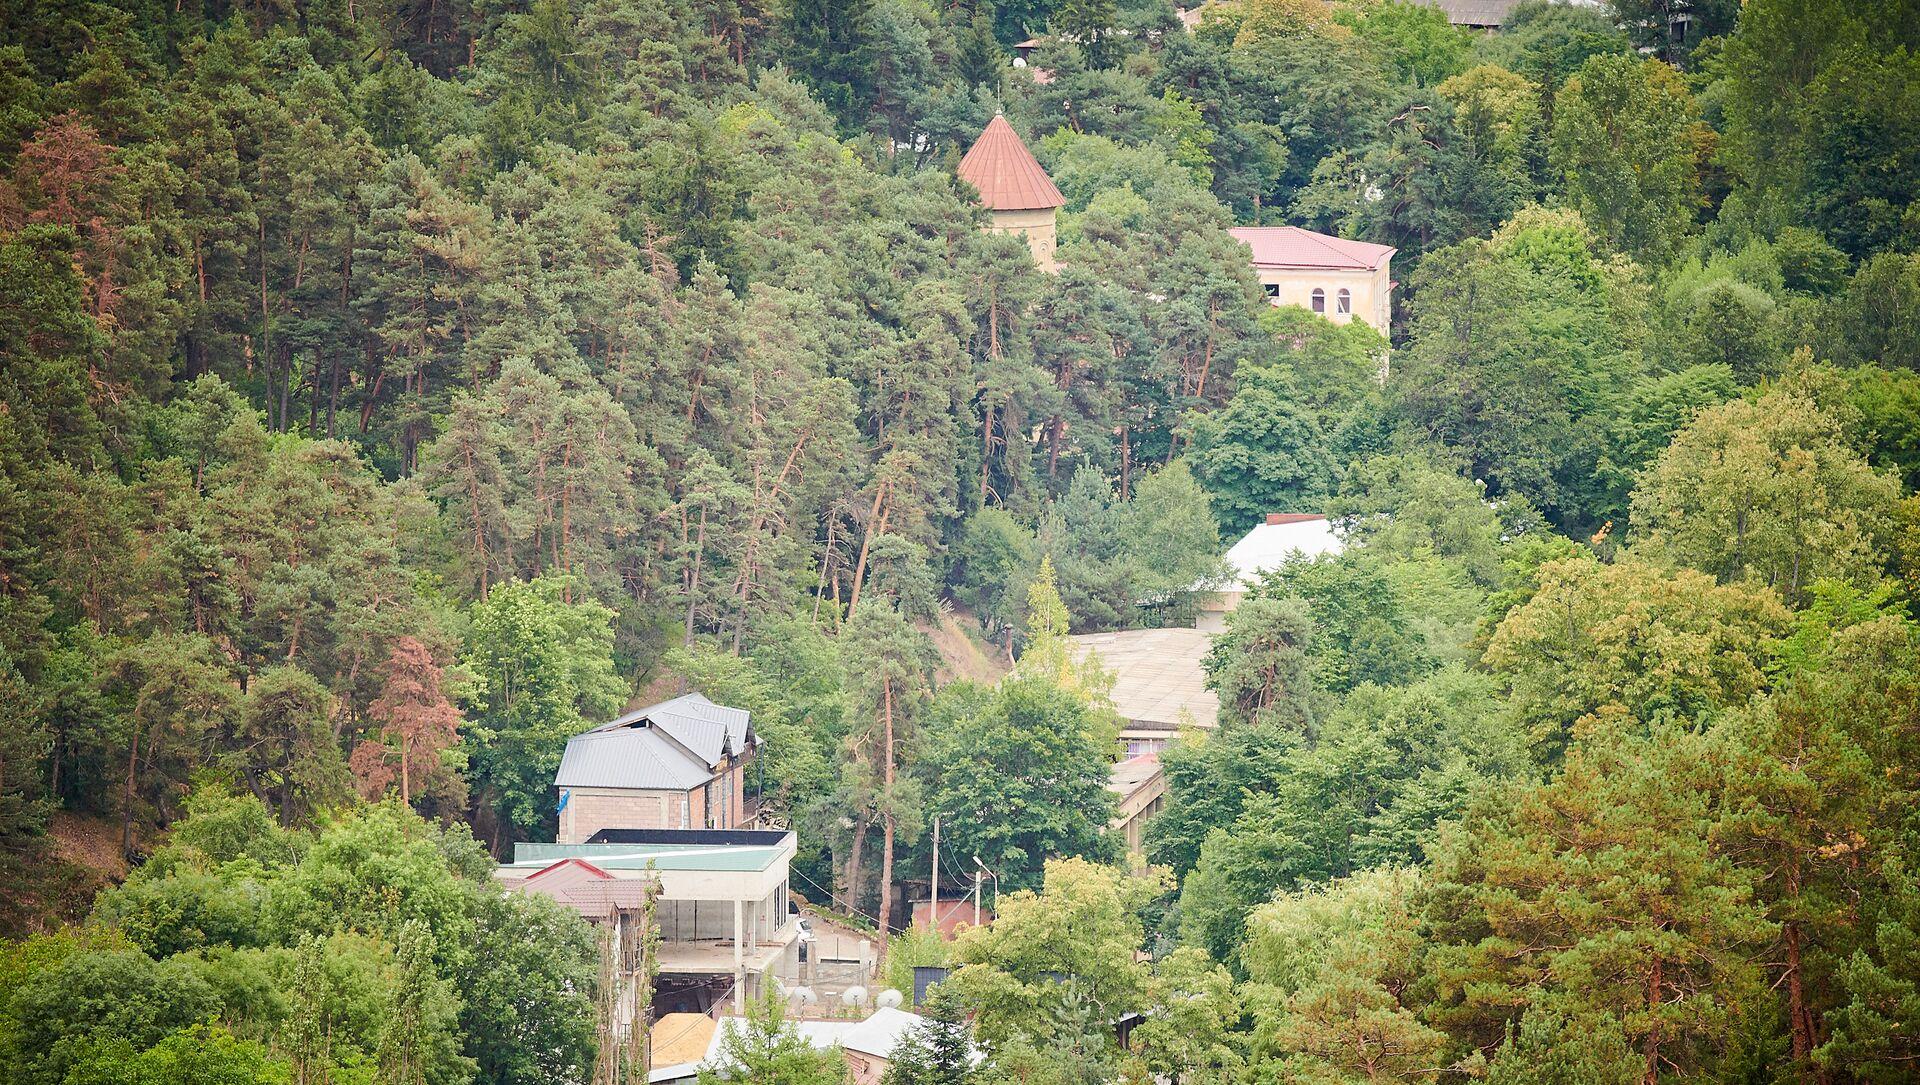 Курортный поселок Абастумани в Адигенском районе - Sputnik Грузия, 1920, 06.06.2021